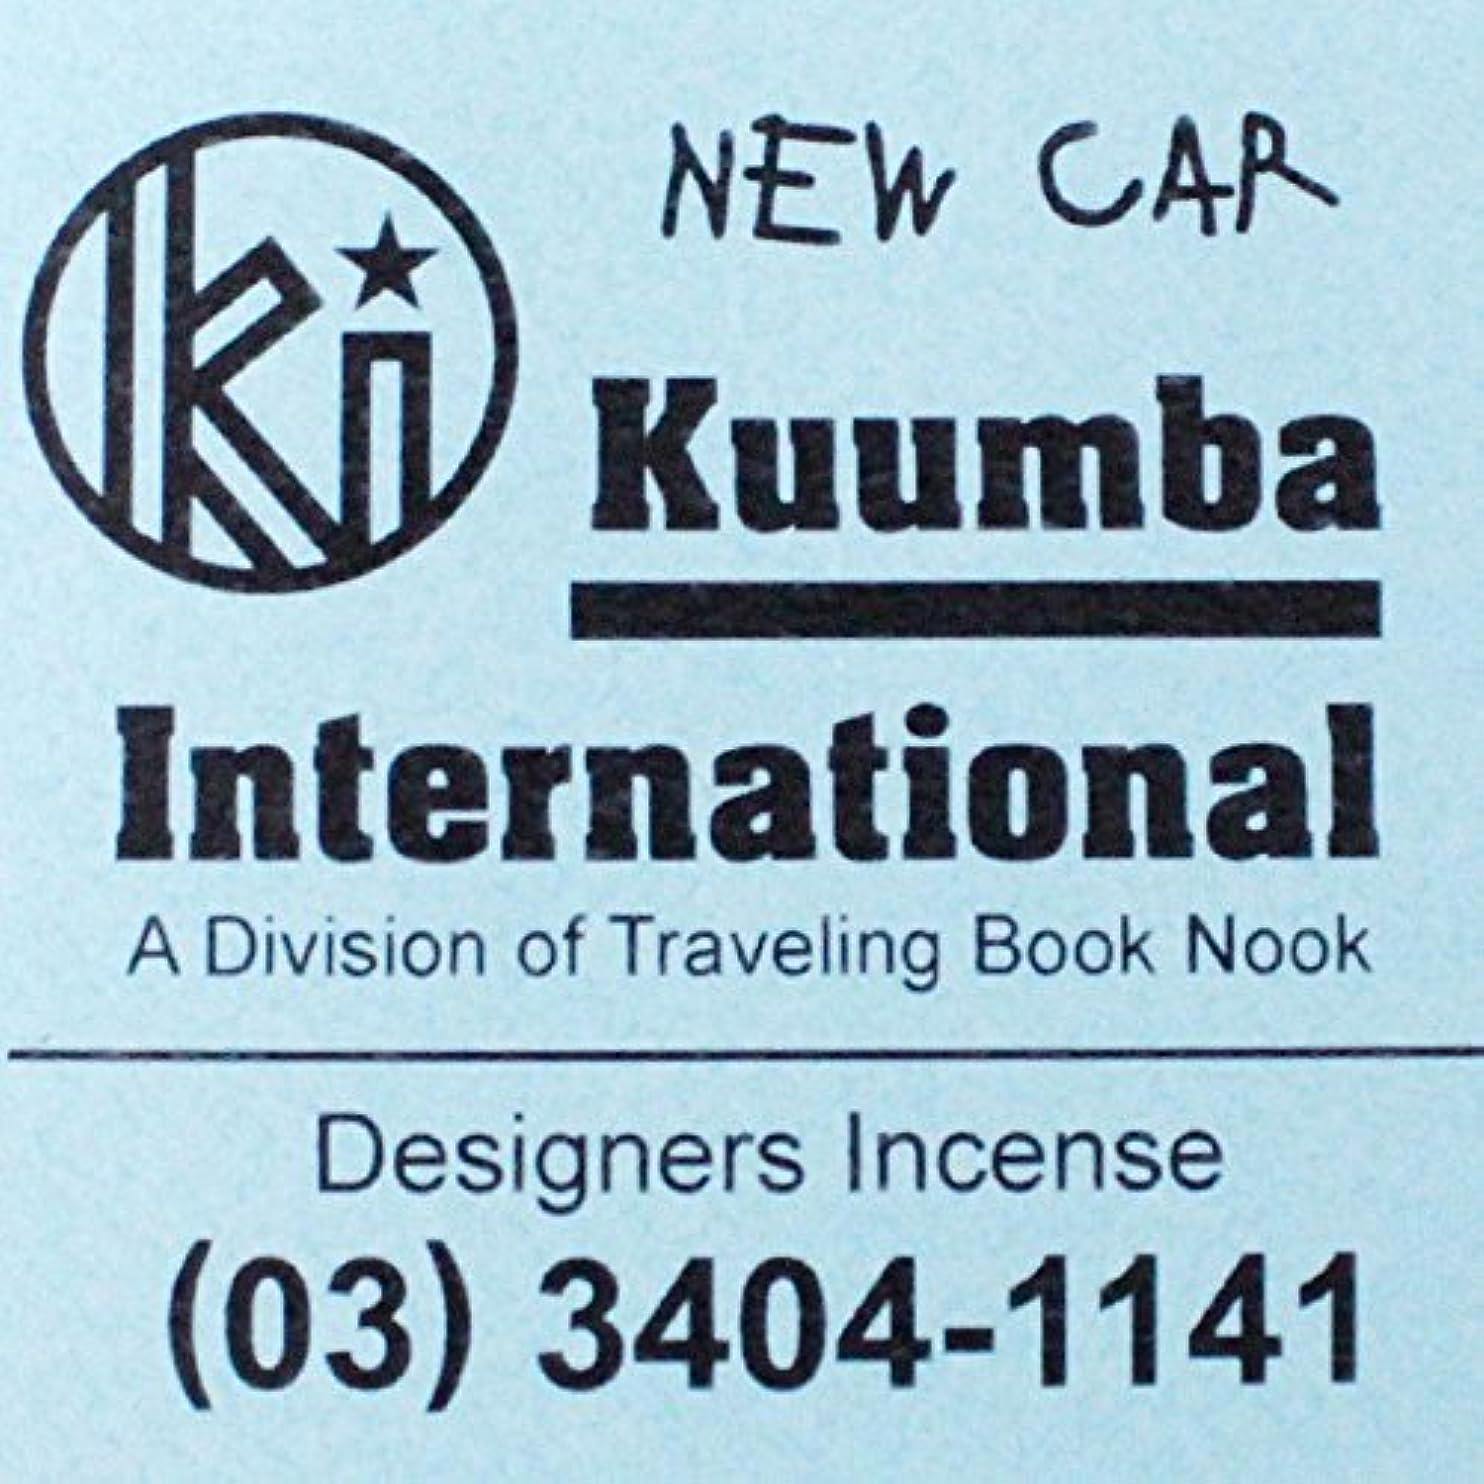 治すキャビン絡まる(クンバ) KUUMBA『incense』(NEW CAR) (Regular size)